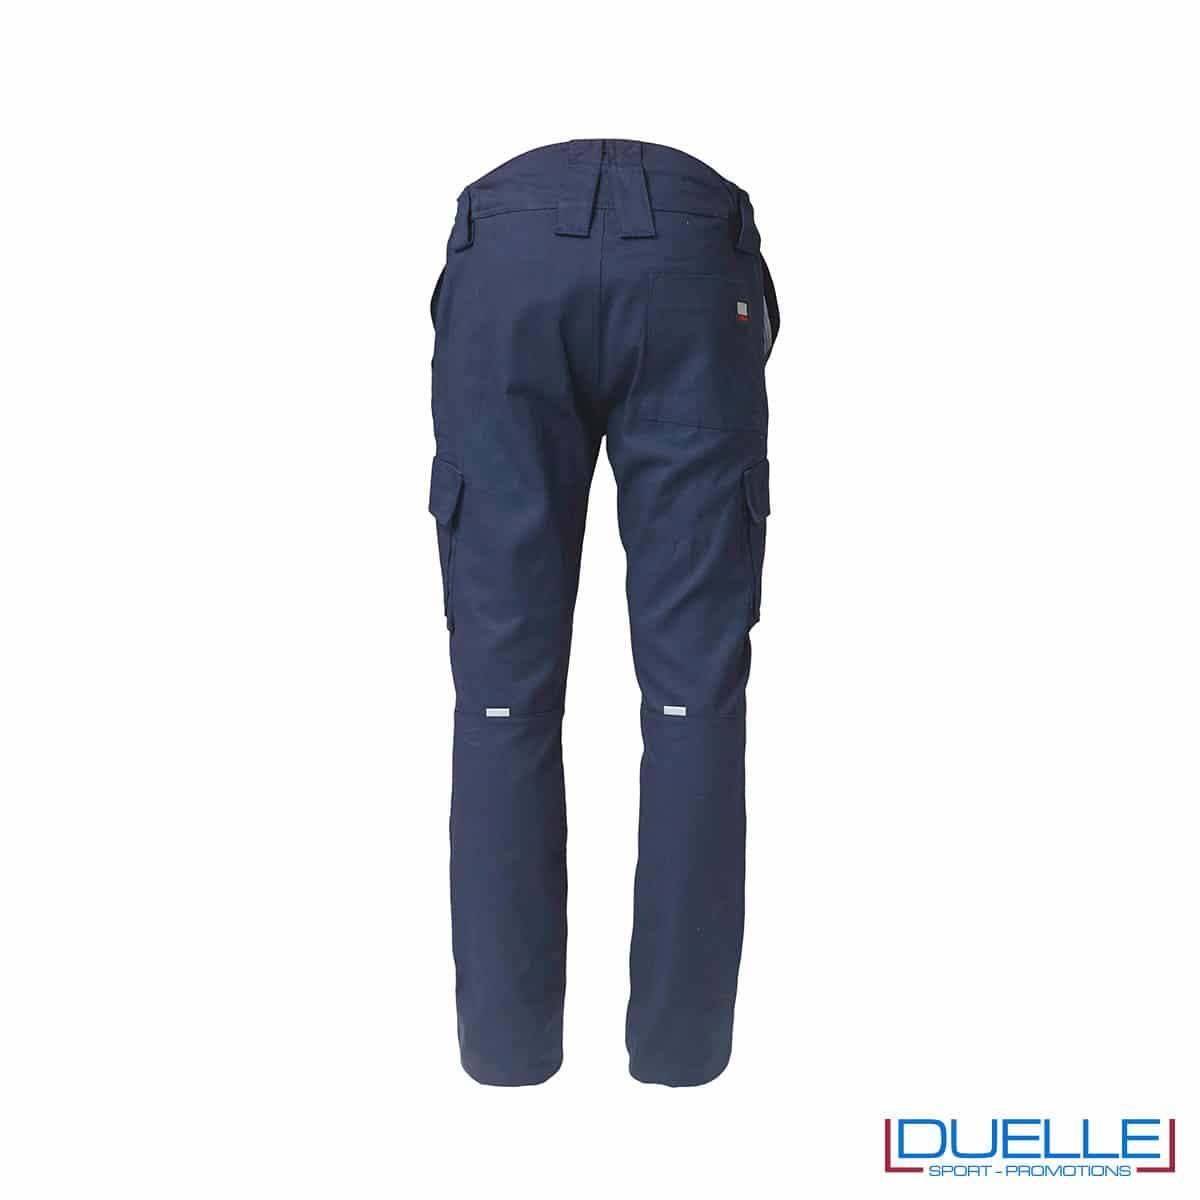 Pantalone da lavoro inverno TASK blu retro